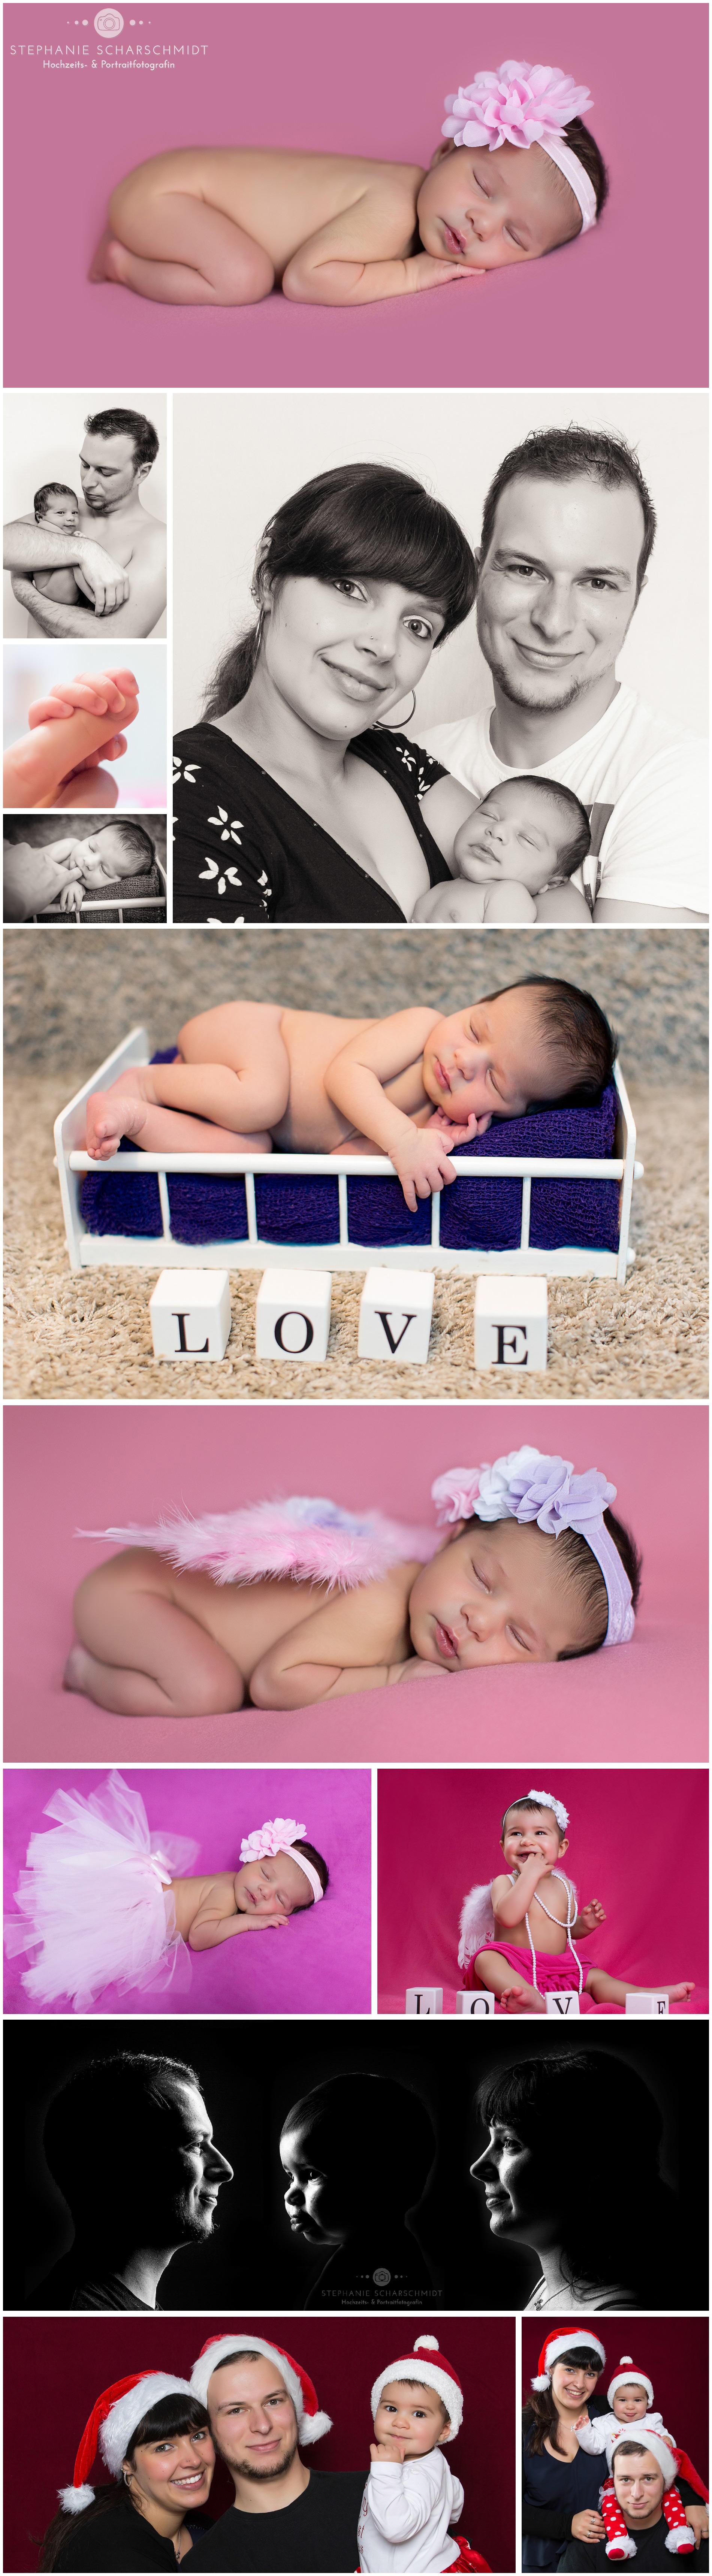 Fotoserie – Schau mal ich wachse die Entwicklung im 1. Lebensjahr - Fotostudio für Neugeborene in Plauen Stephanie Scharschmidt